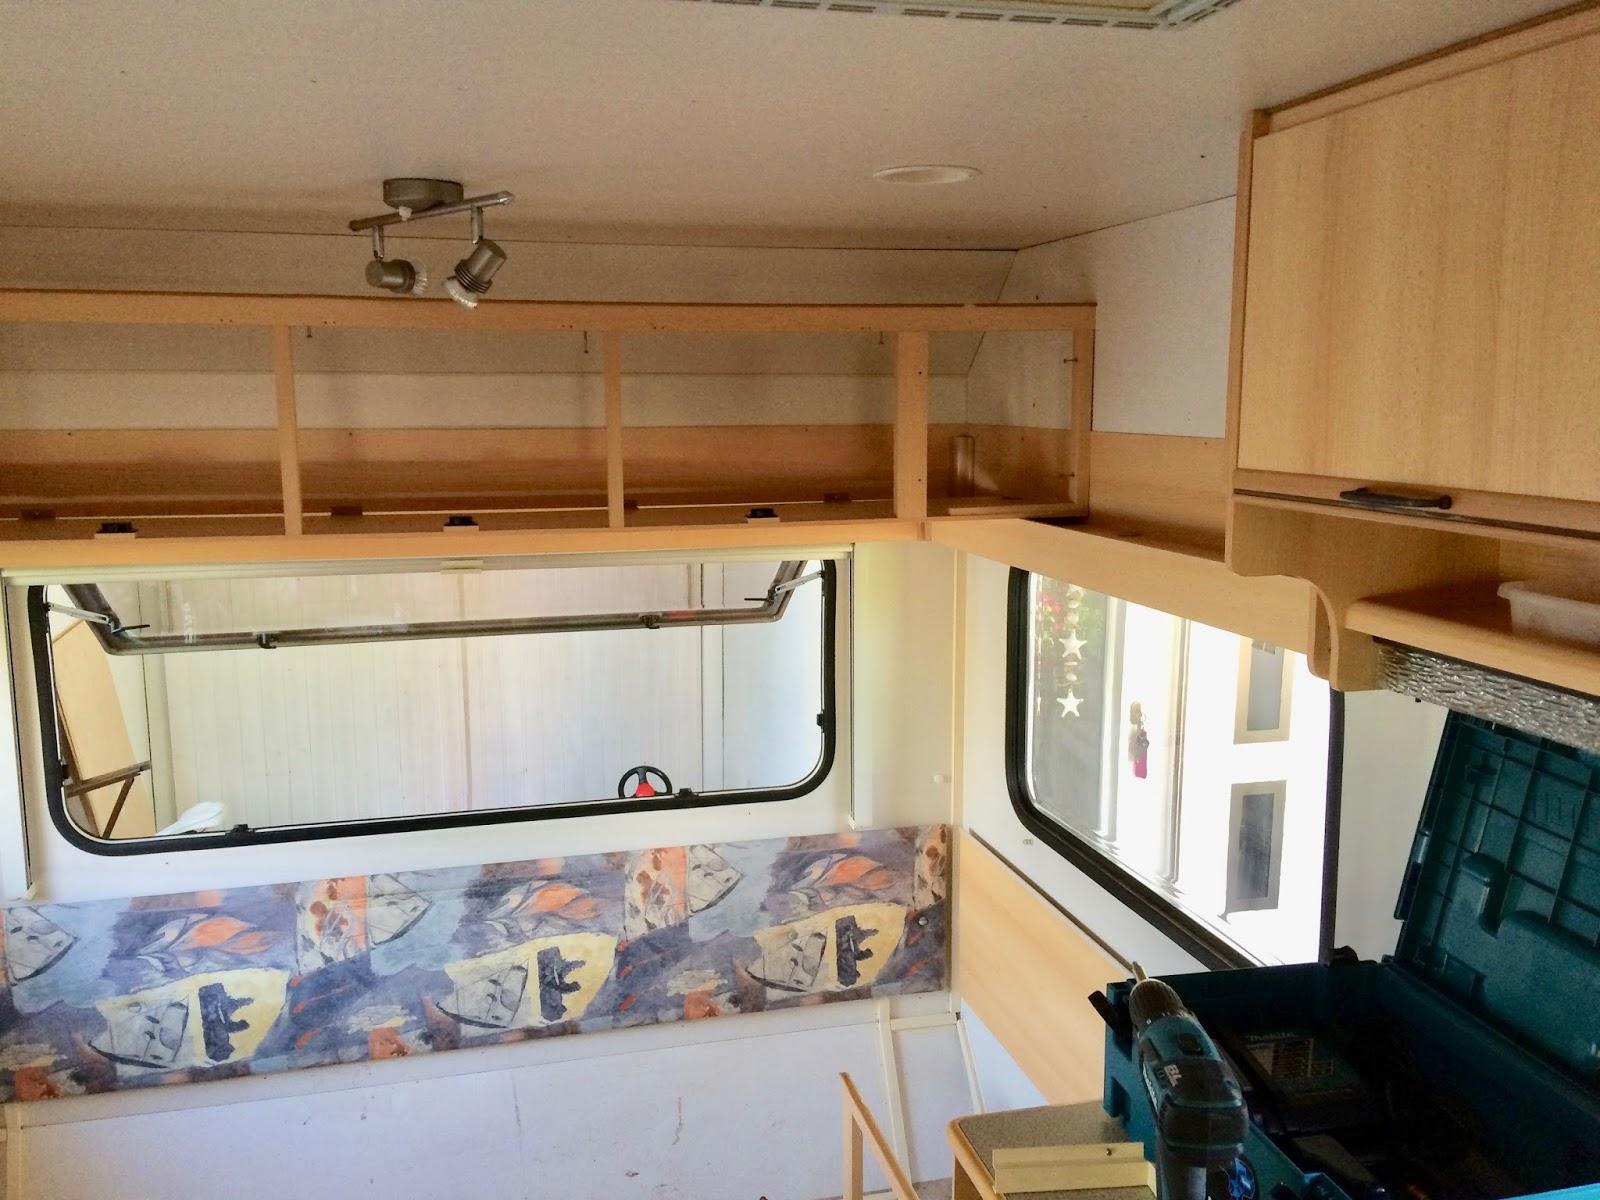 Wohnwagen Etagenbett Rausfallschutz : Glücksfeder: weiße nägel mit köpfen: so haben wir unseren wohnwagen